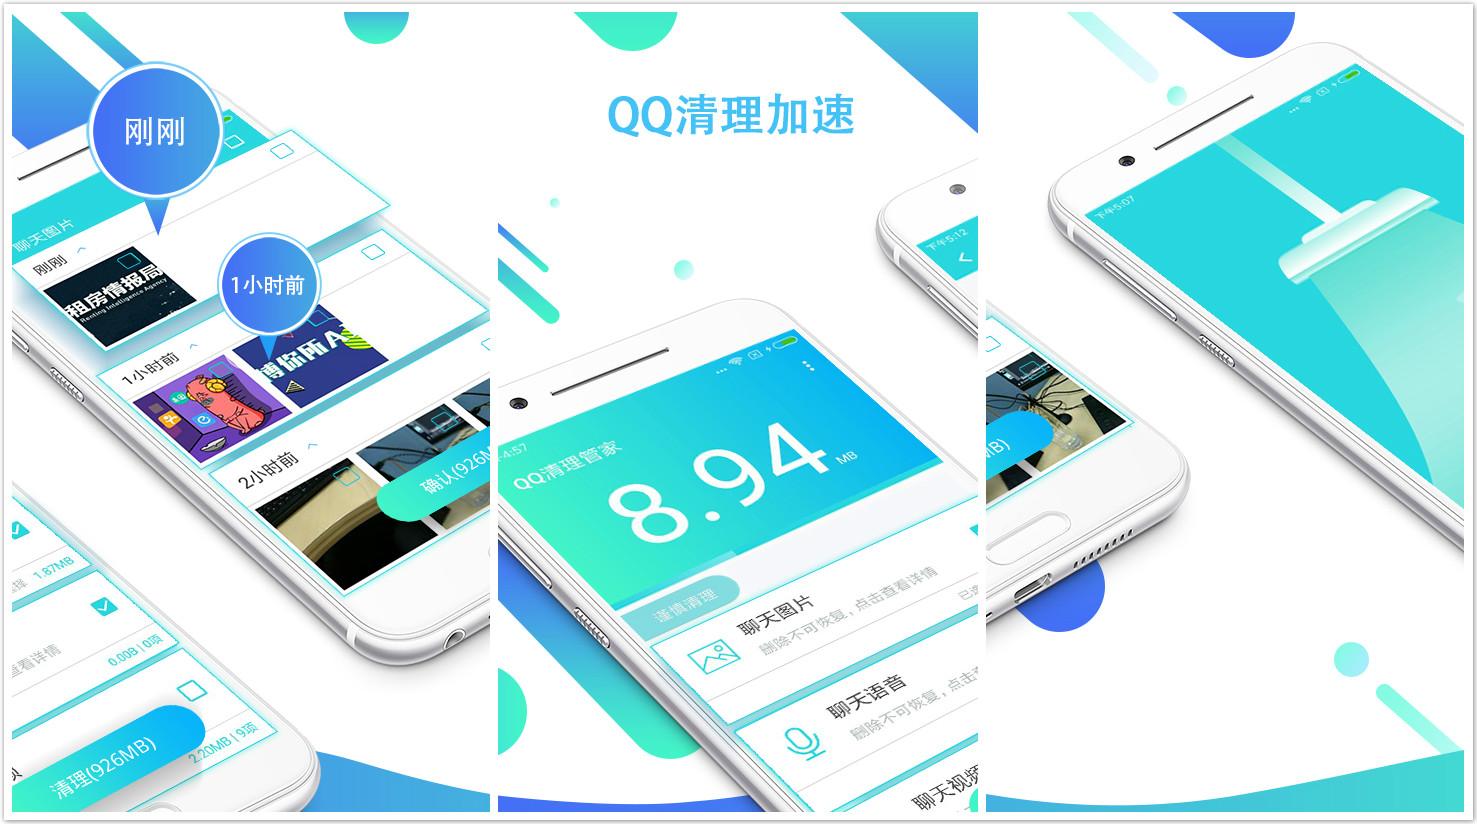 QQ清理管家 专业垃圾诊断 体积小/速度快/效率高清垃圾